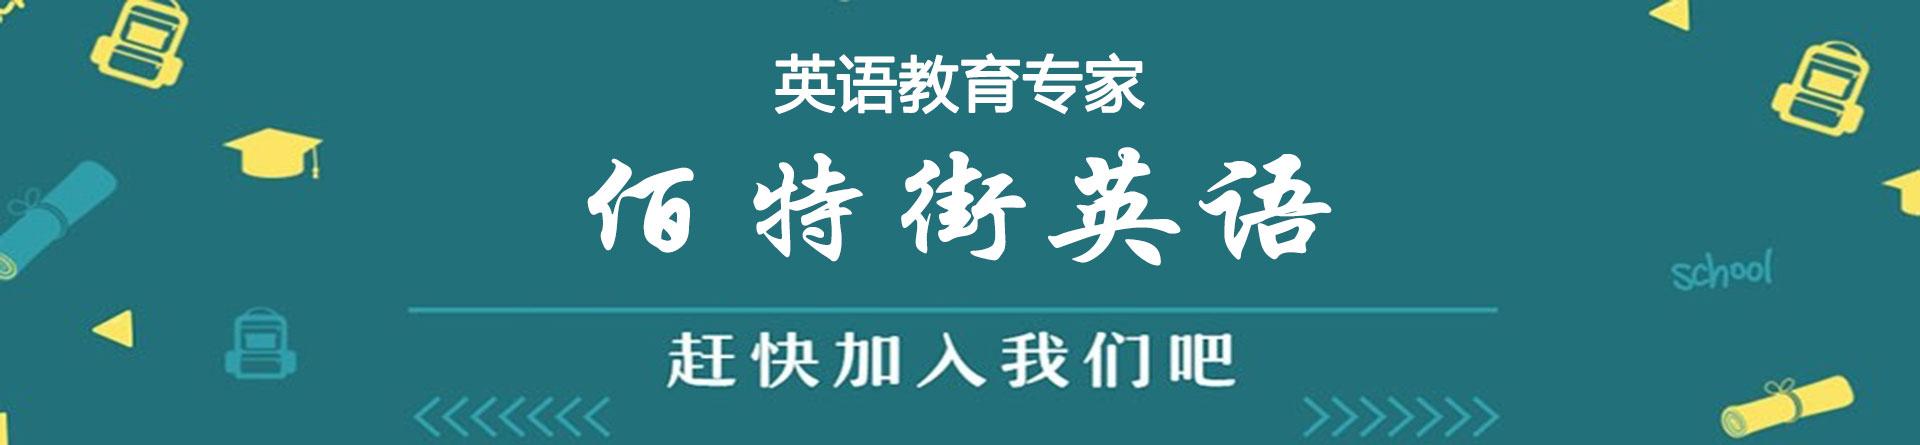 郑州佰特街国际少儿英语